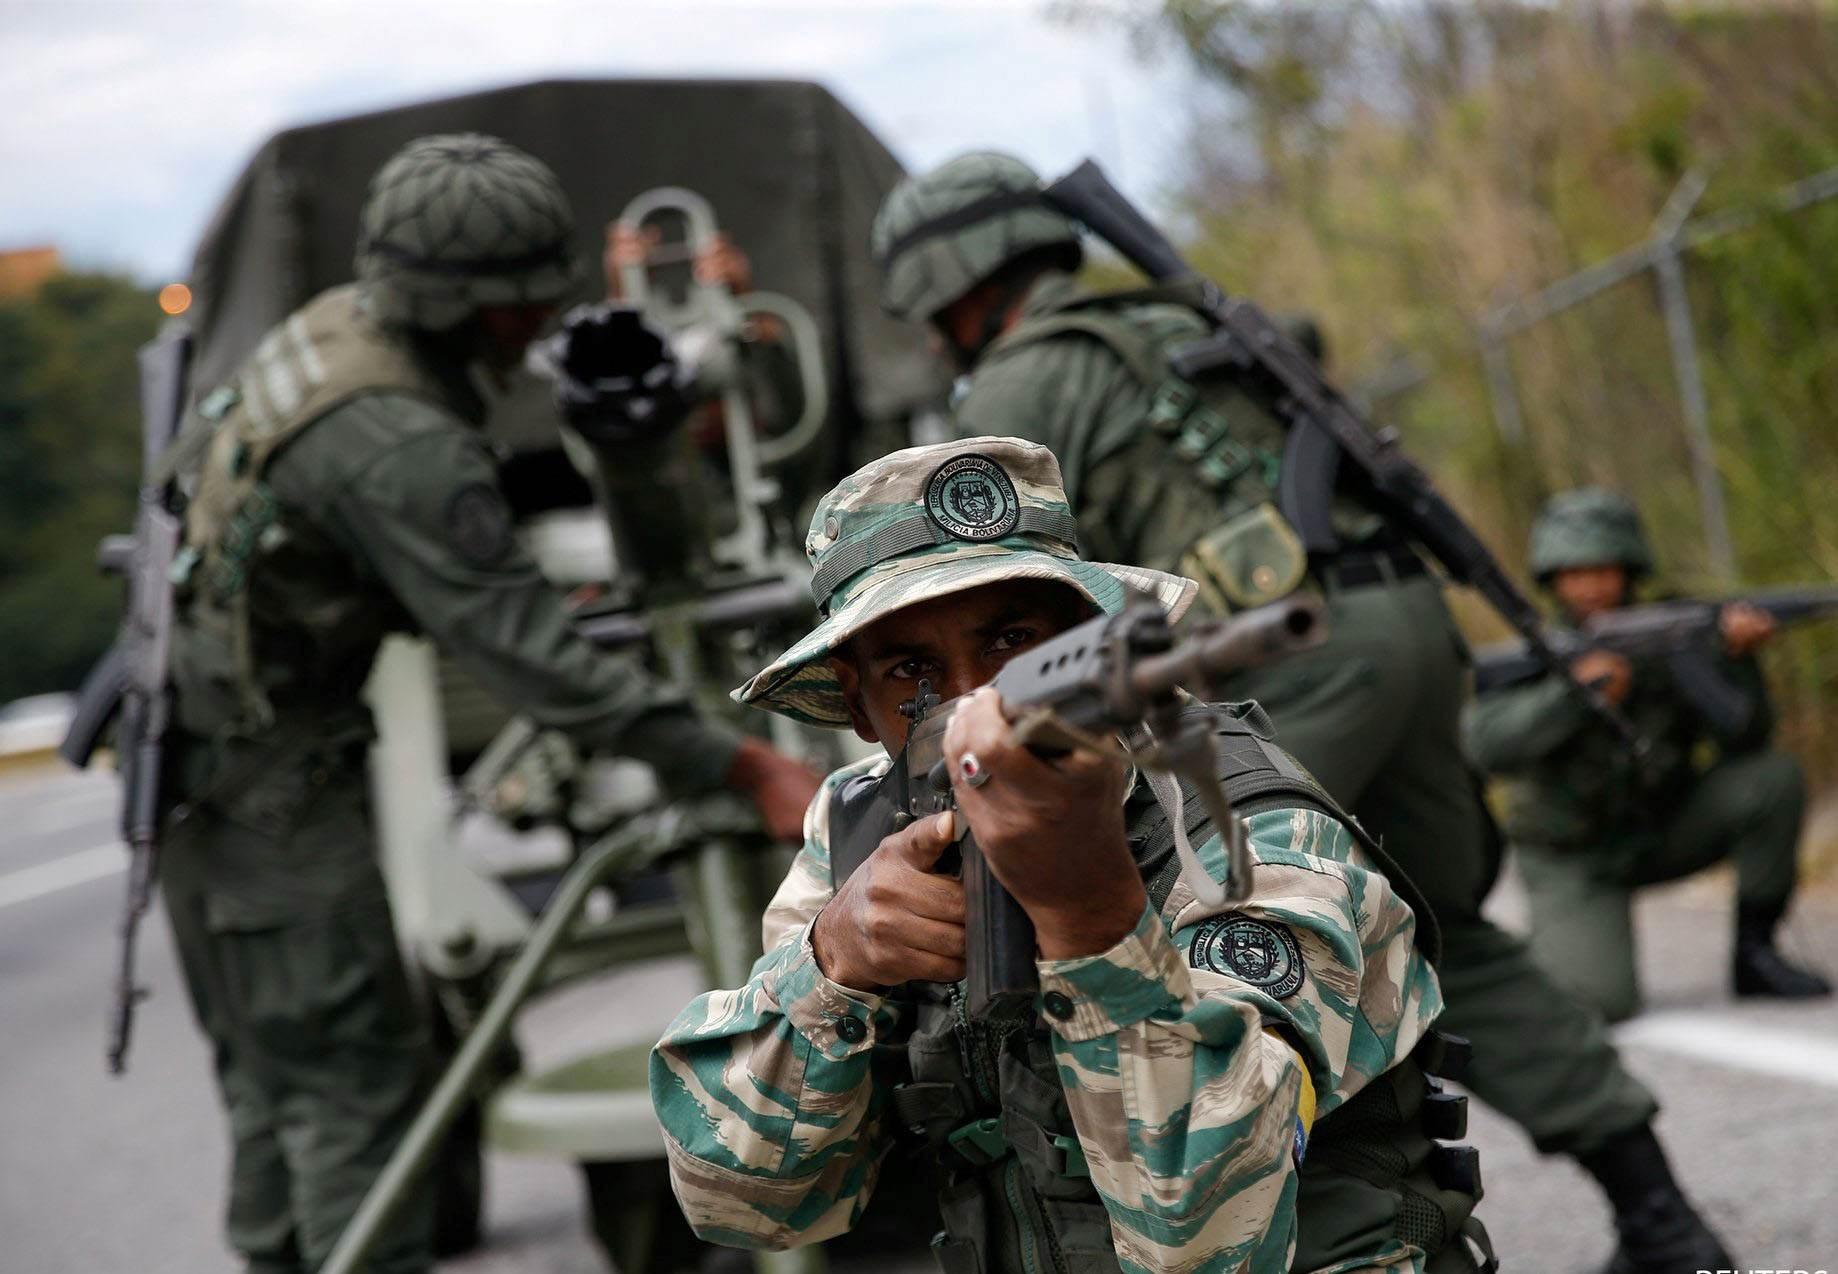 اعتقال فارين من الجيش الفنزويلي قرب الحدود مع كولومبيا